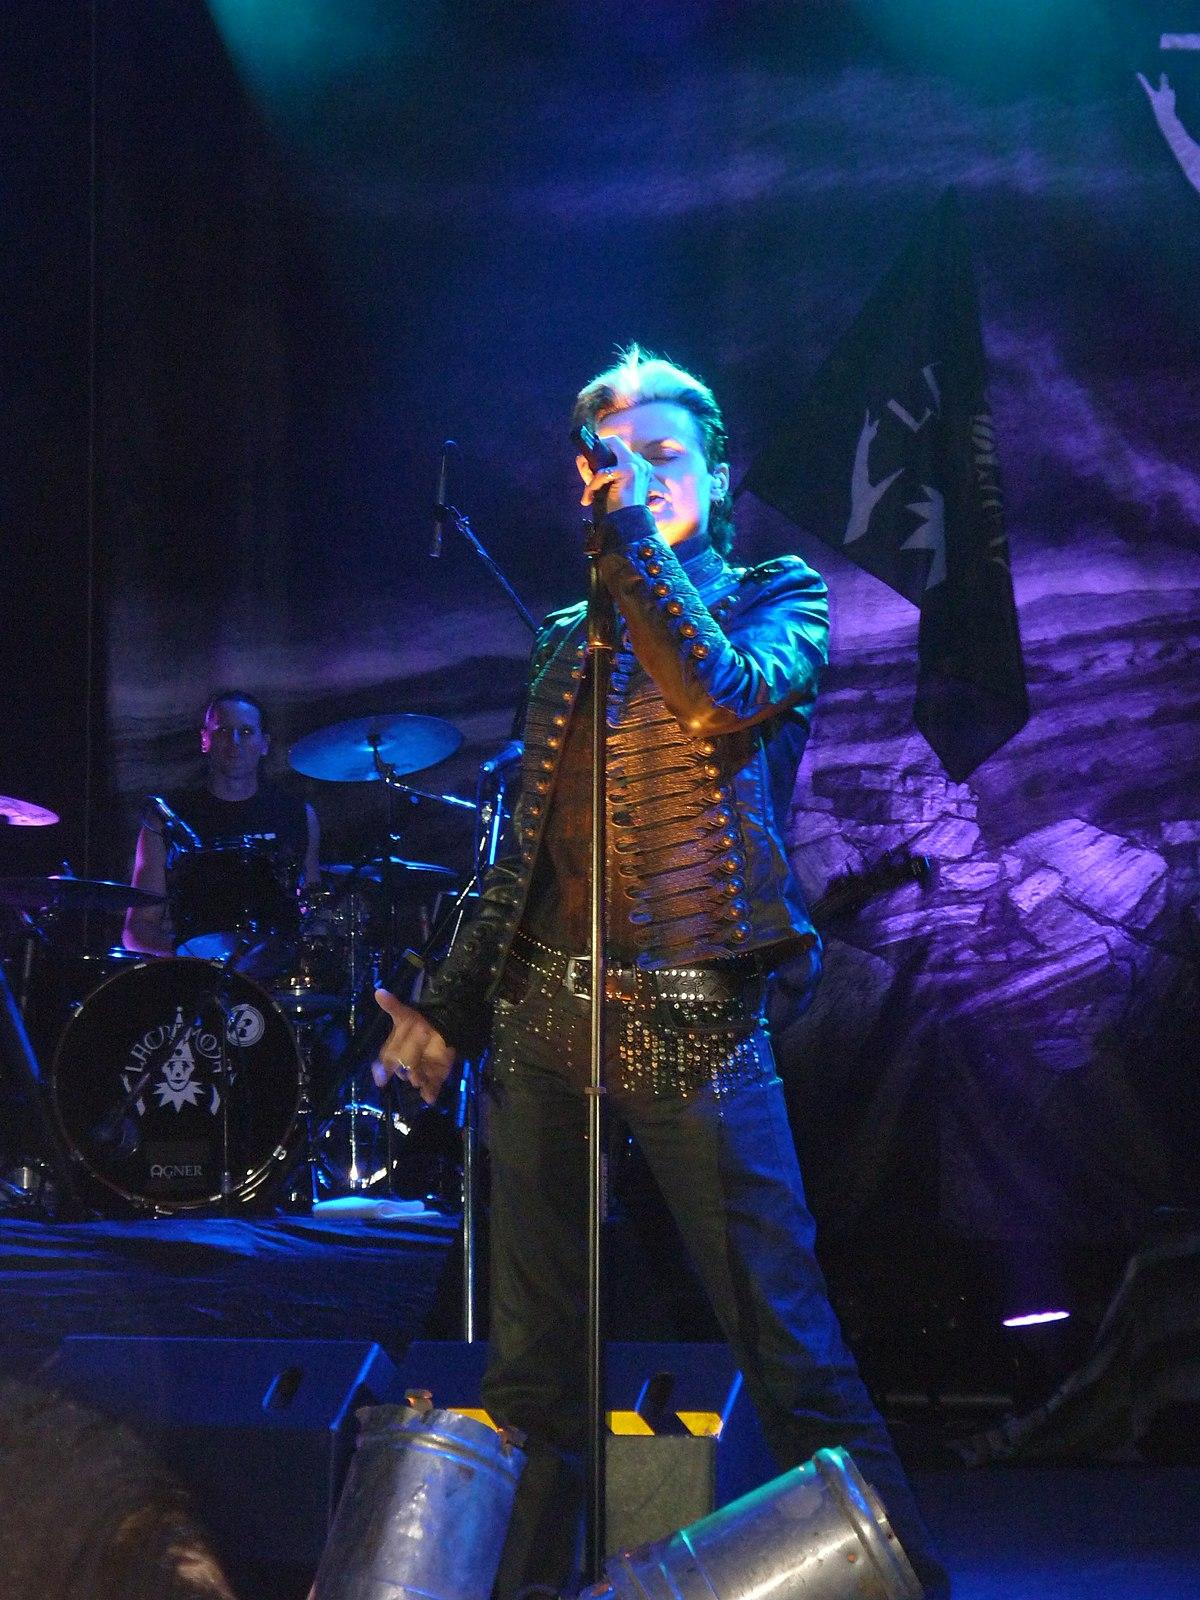 Lacrimosa (band) - Wikipedia